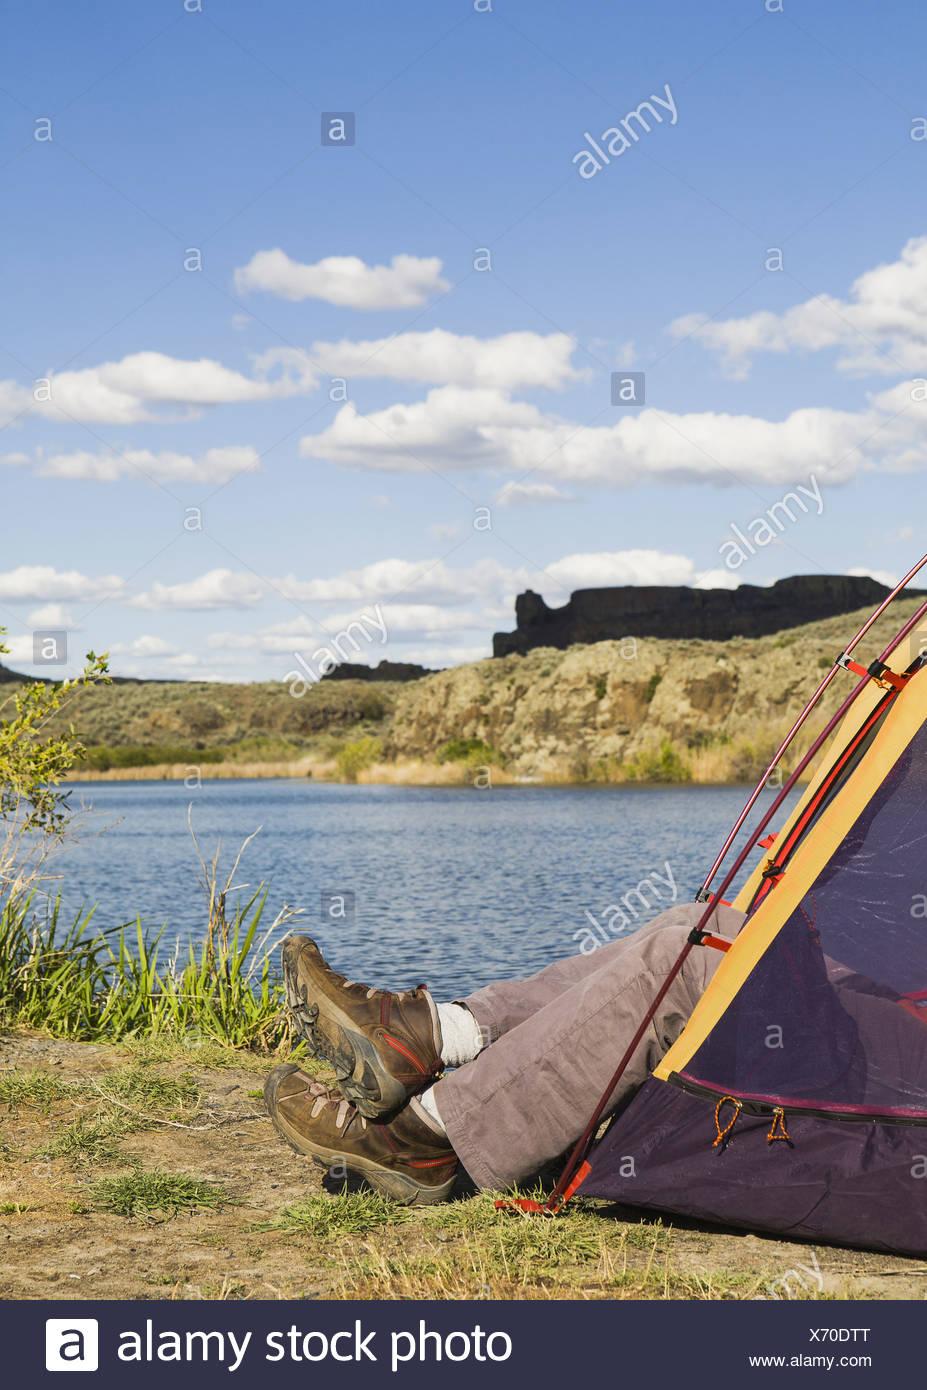 Una piccola tenda si accamparono presso le rive dei laghi di Sun a Sun i laghi del parco statale di un uomo in piedi mocassini spuntavano Foto Stock